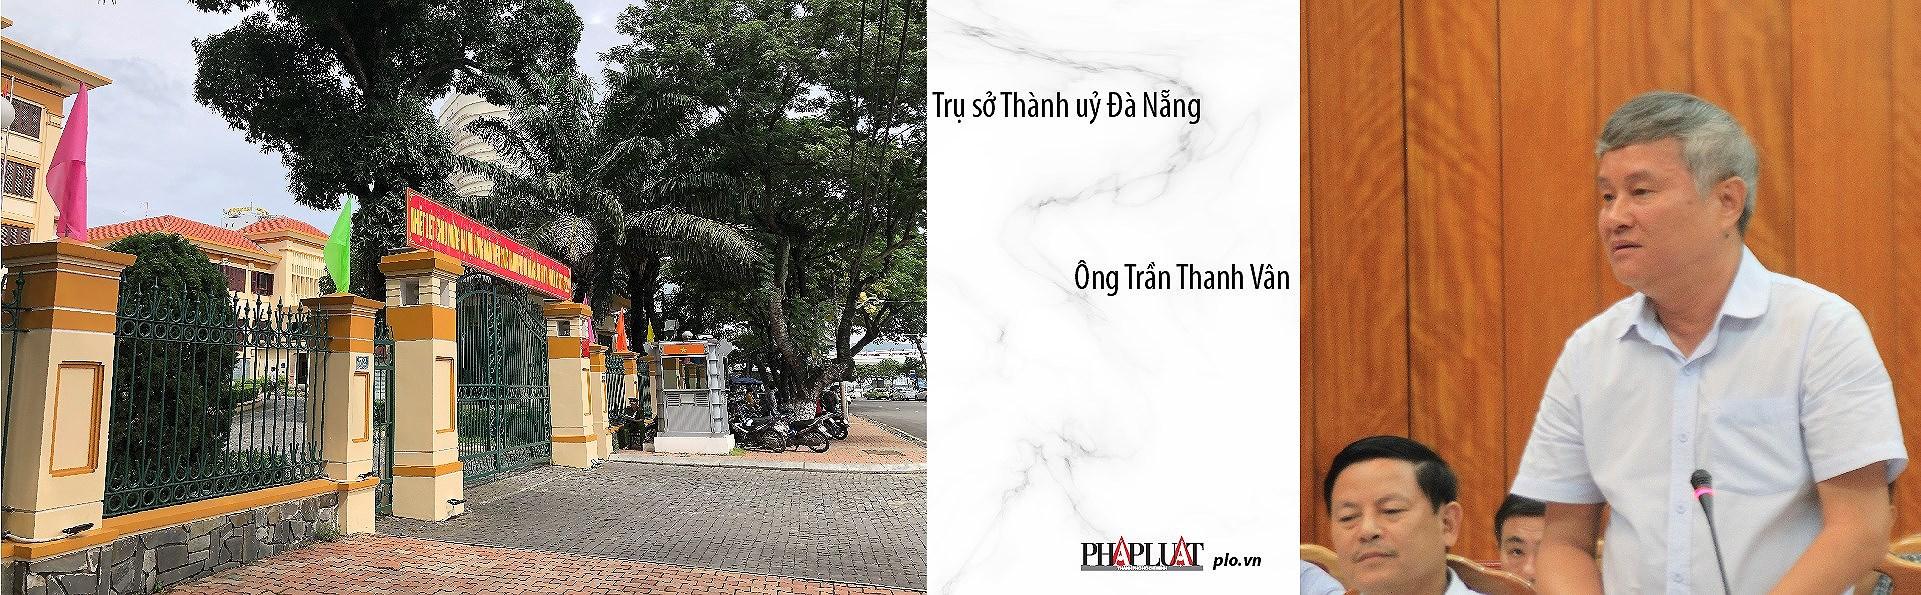 Đà Nẵng qua một năm sóng gió - ảnh 6